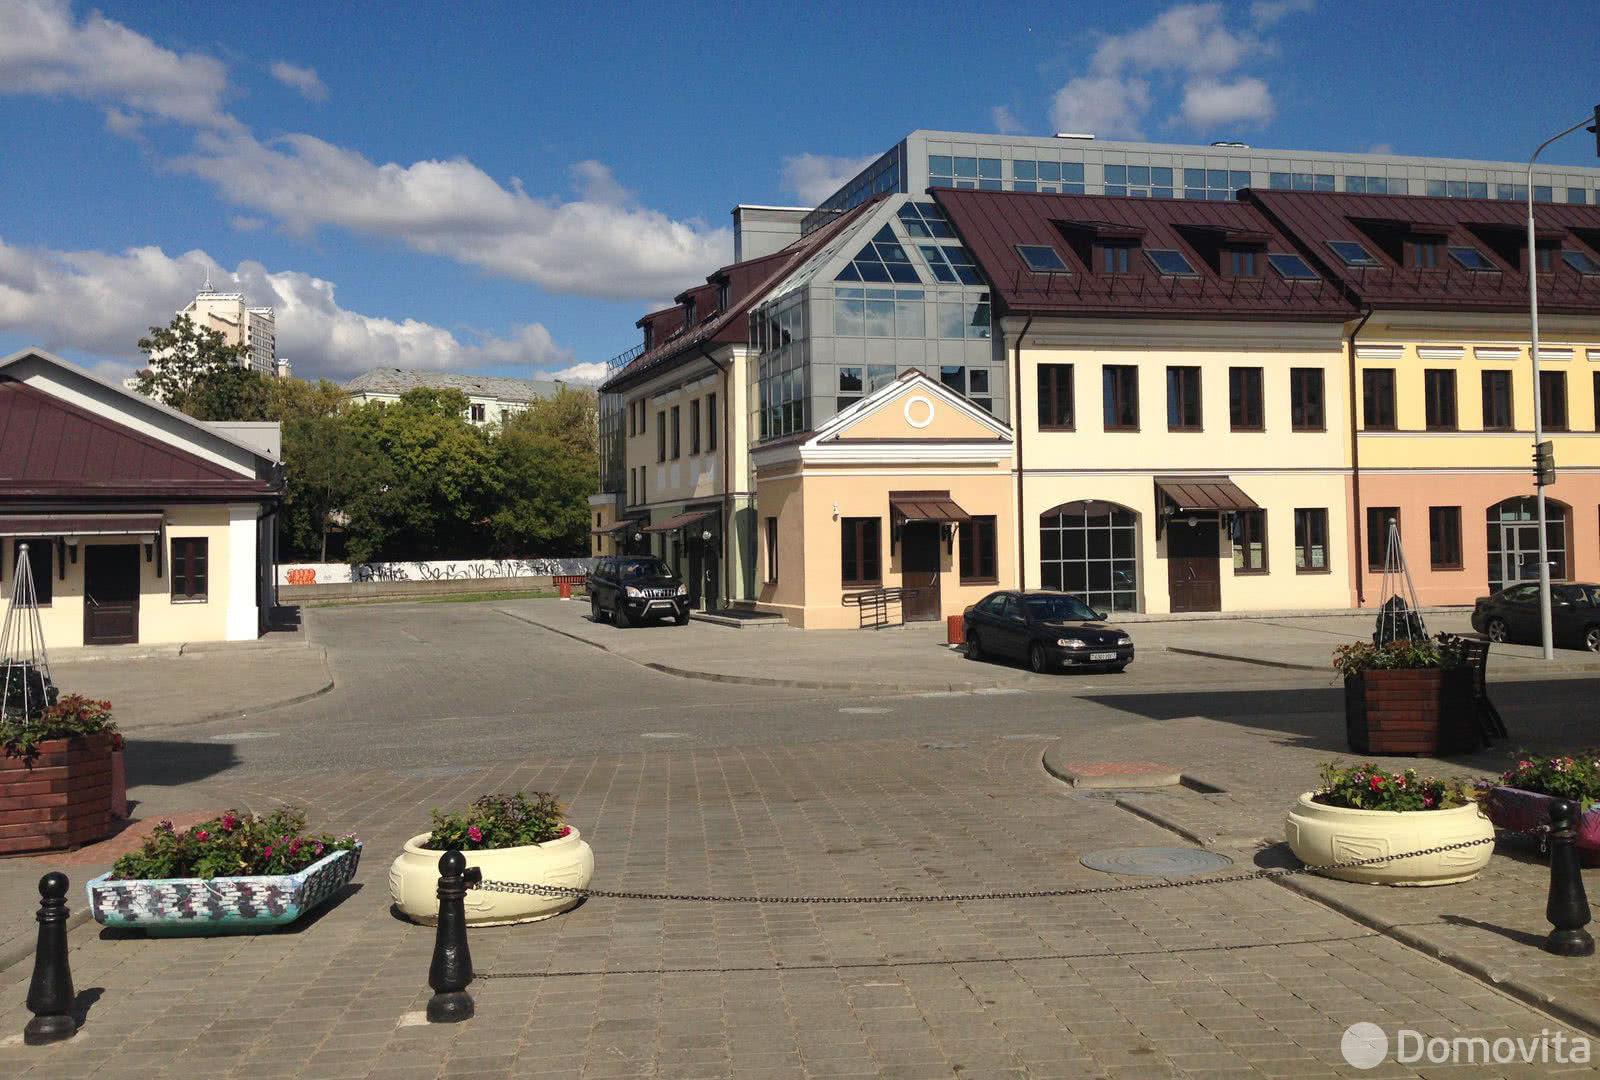 Бизнес-центр БЦ На торговой набережной - фото 4